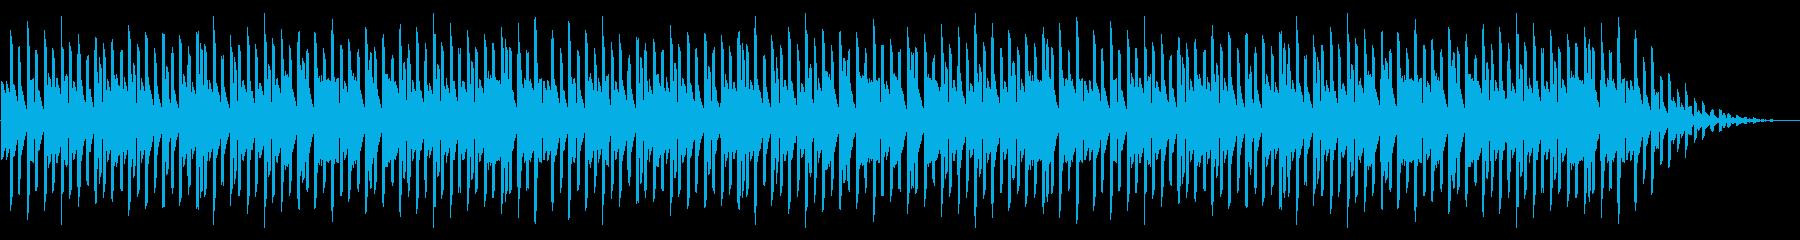 NES 汎用 A01-1(タイトル) の再生済みの波形